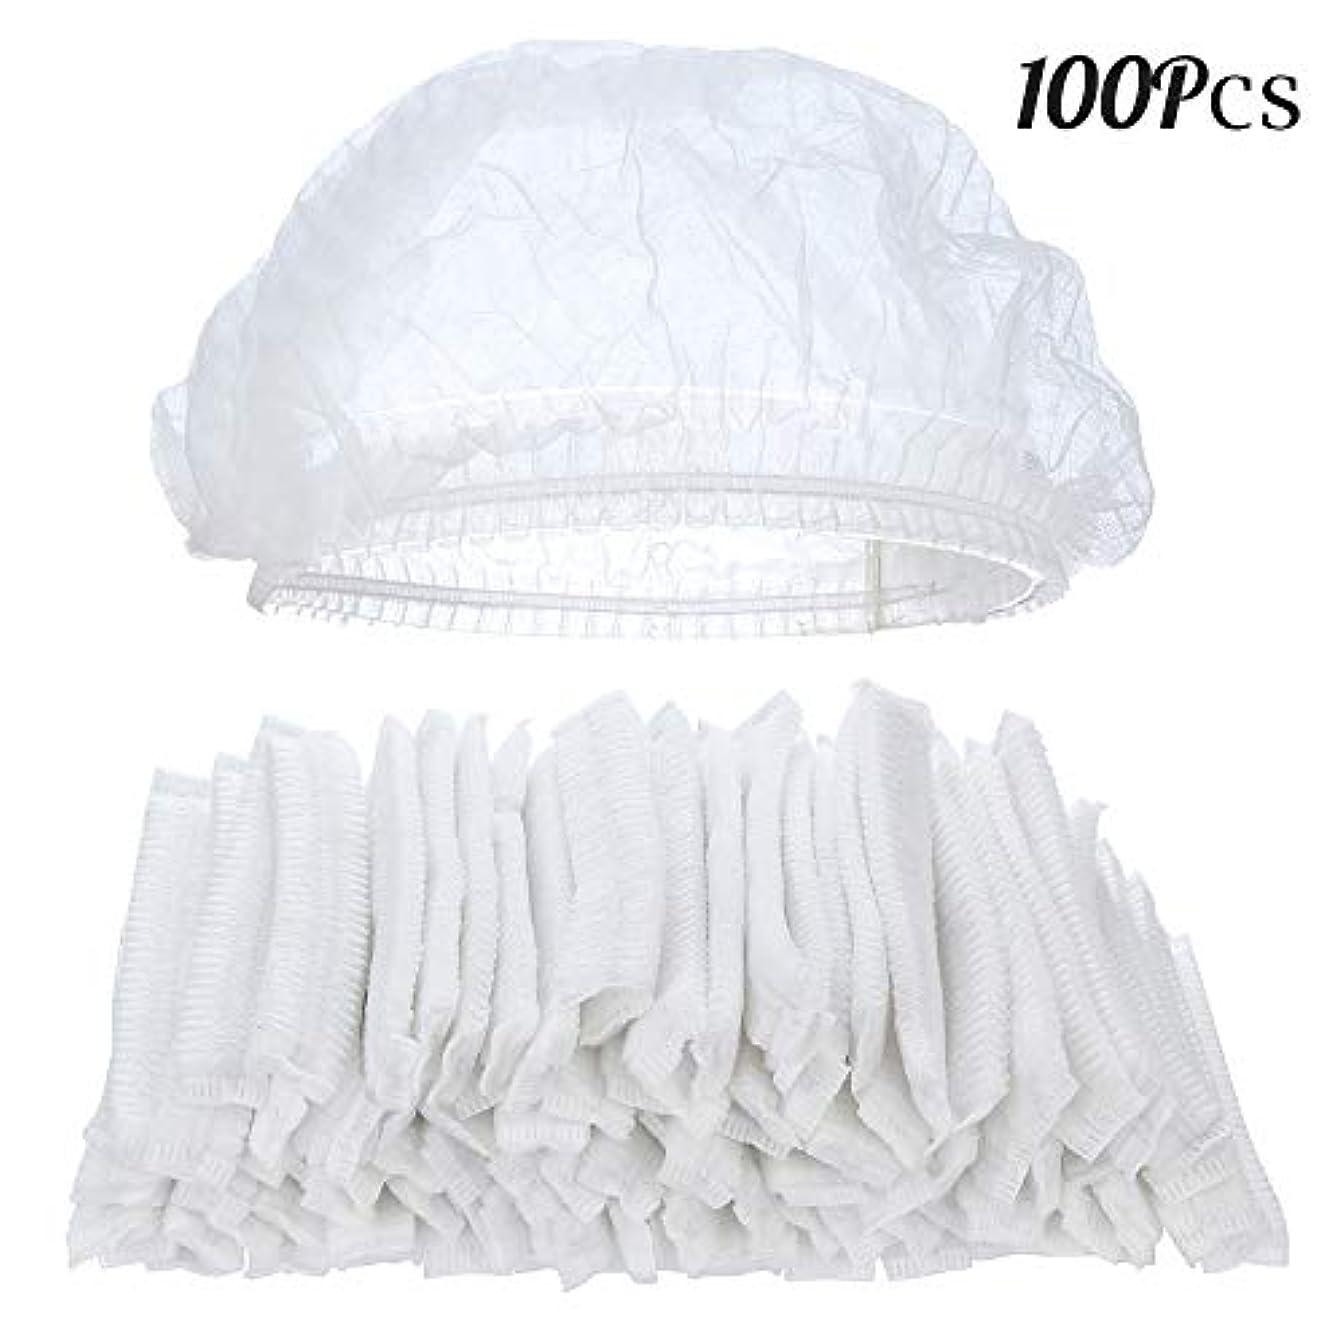 石化する評判葬儀100ピースクリア使い捨てプラスチックシャワーキャップ大きな弾性厚いバスキャップ用女性スパ、家庭用、ホテルおよび美容院